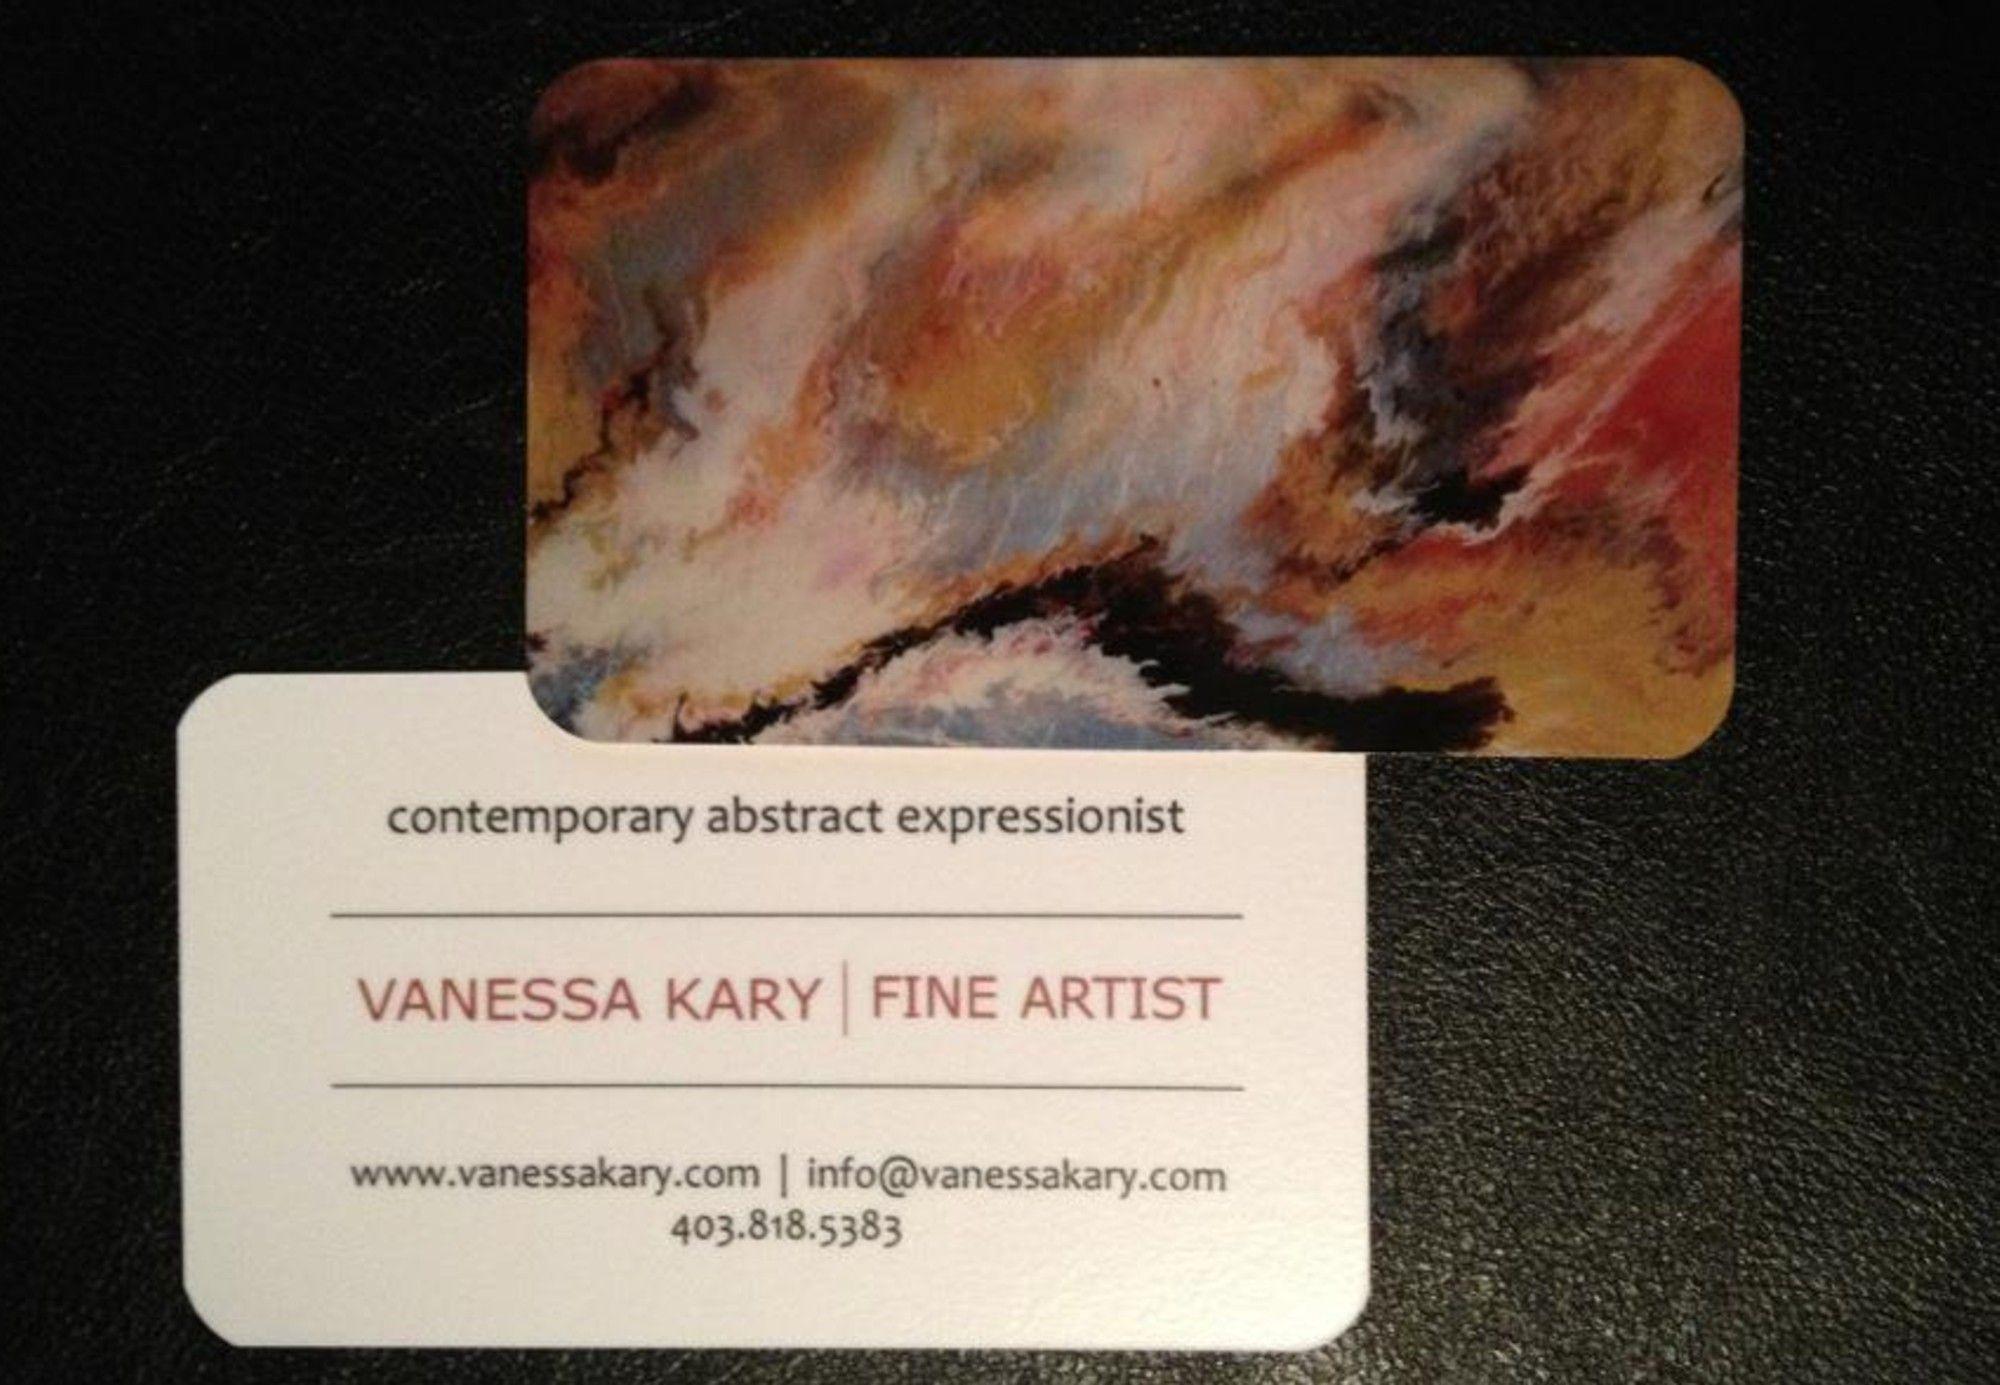 Vanessa kary fine artist business card 2012 art pinterest vanessa kary fine artist business card 2012 colourmoves